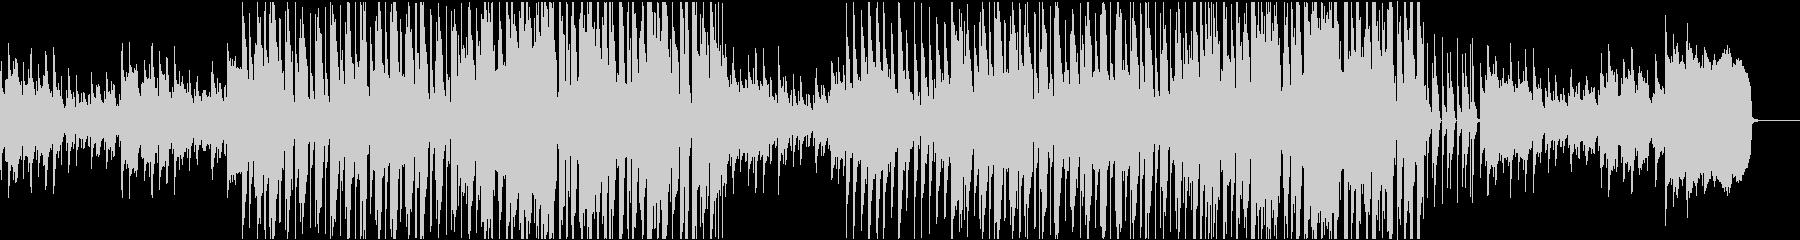 StockMusic34_CheesyStuffの未再生の波形